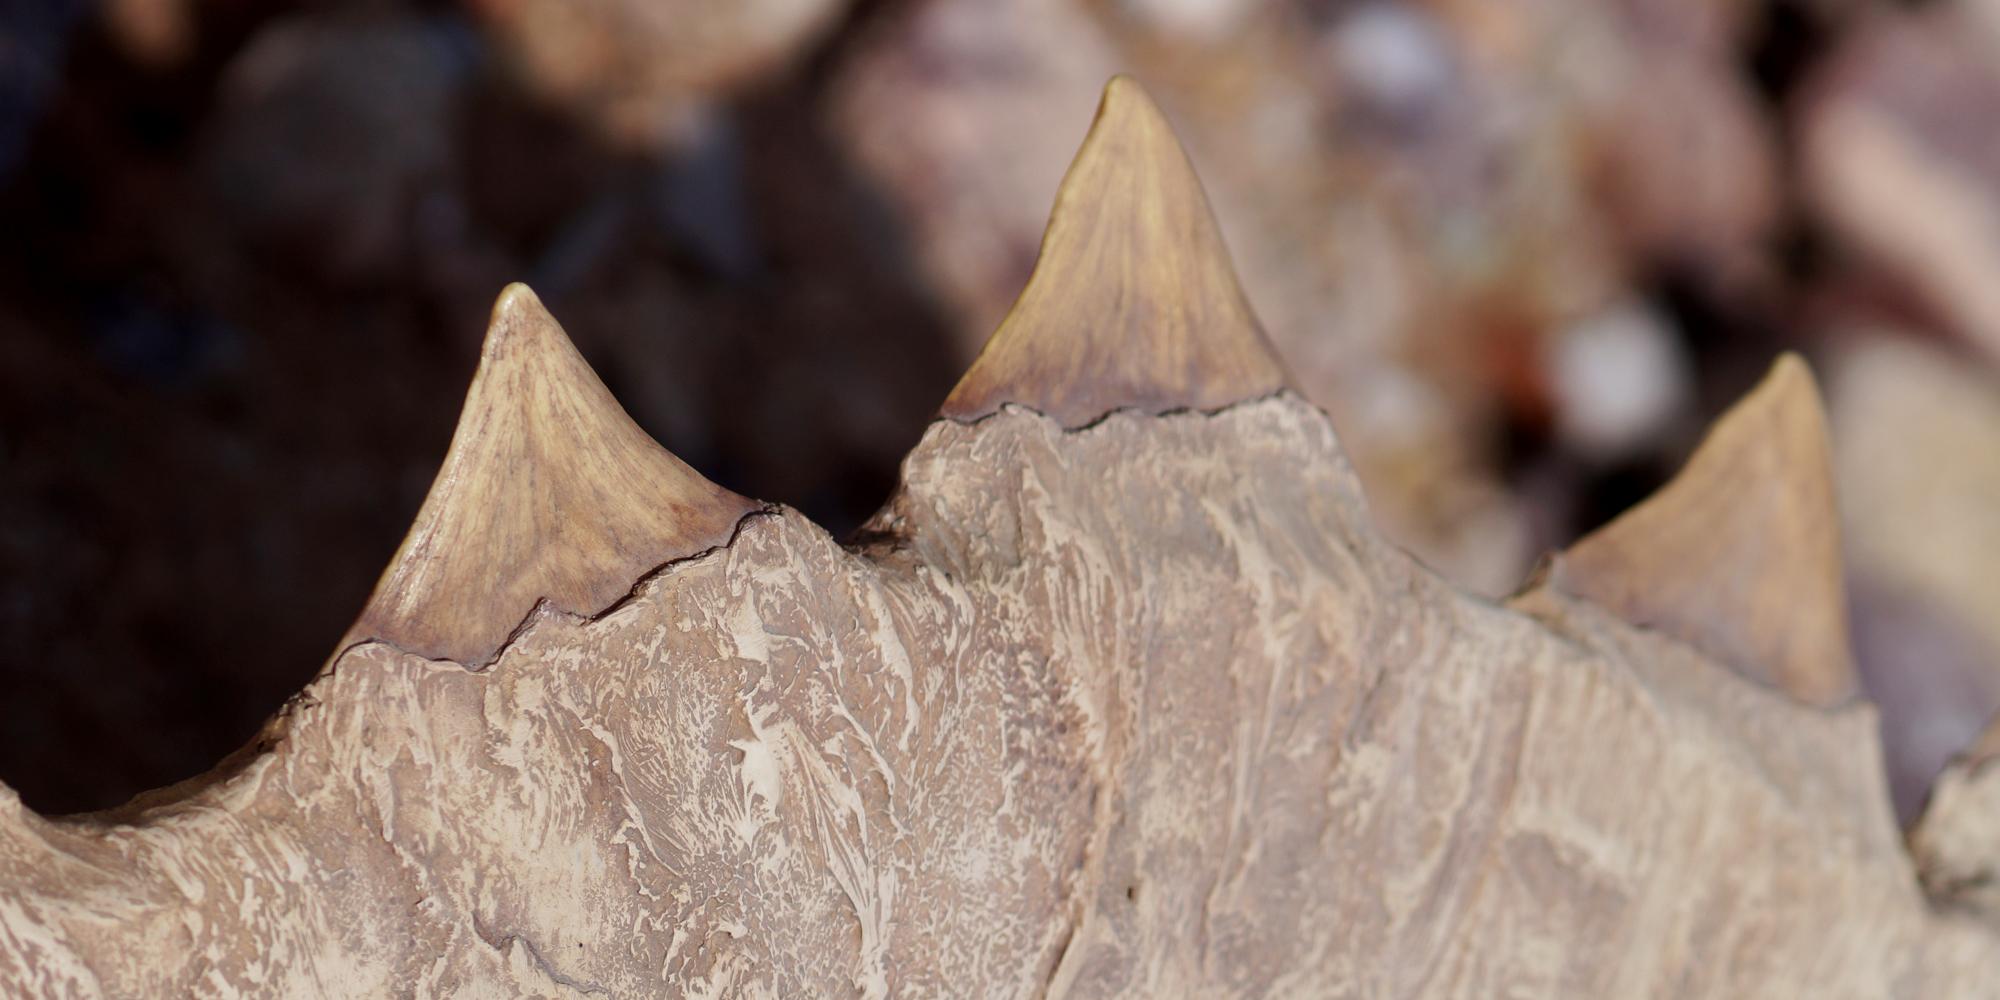 détail de sculpture de fac simile d'os fossile